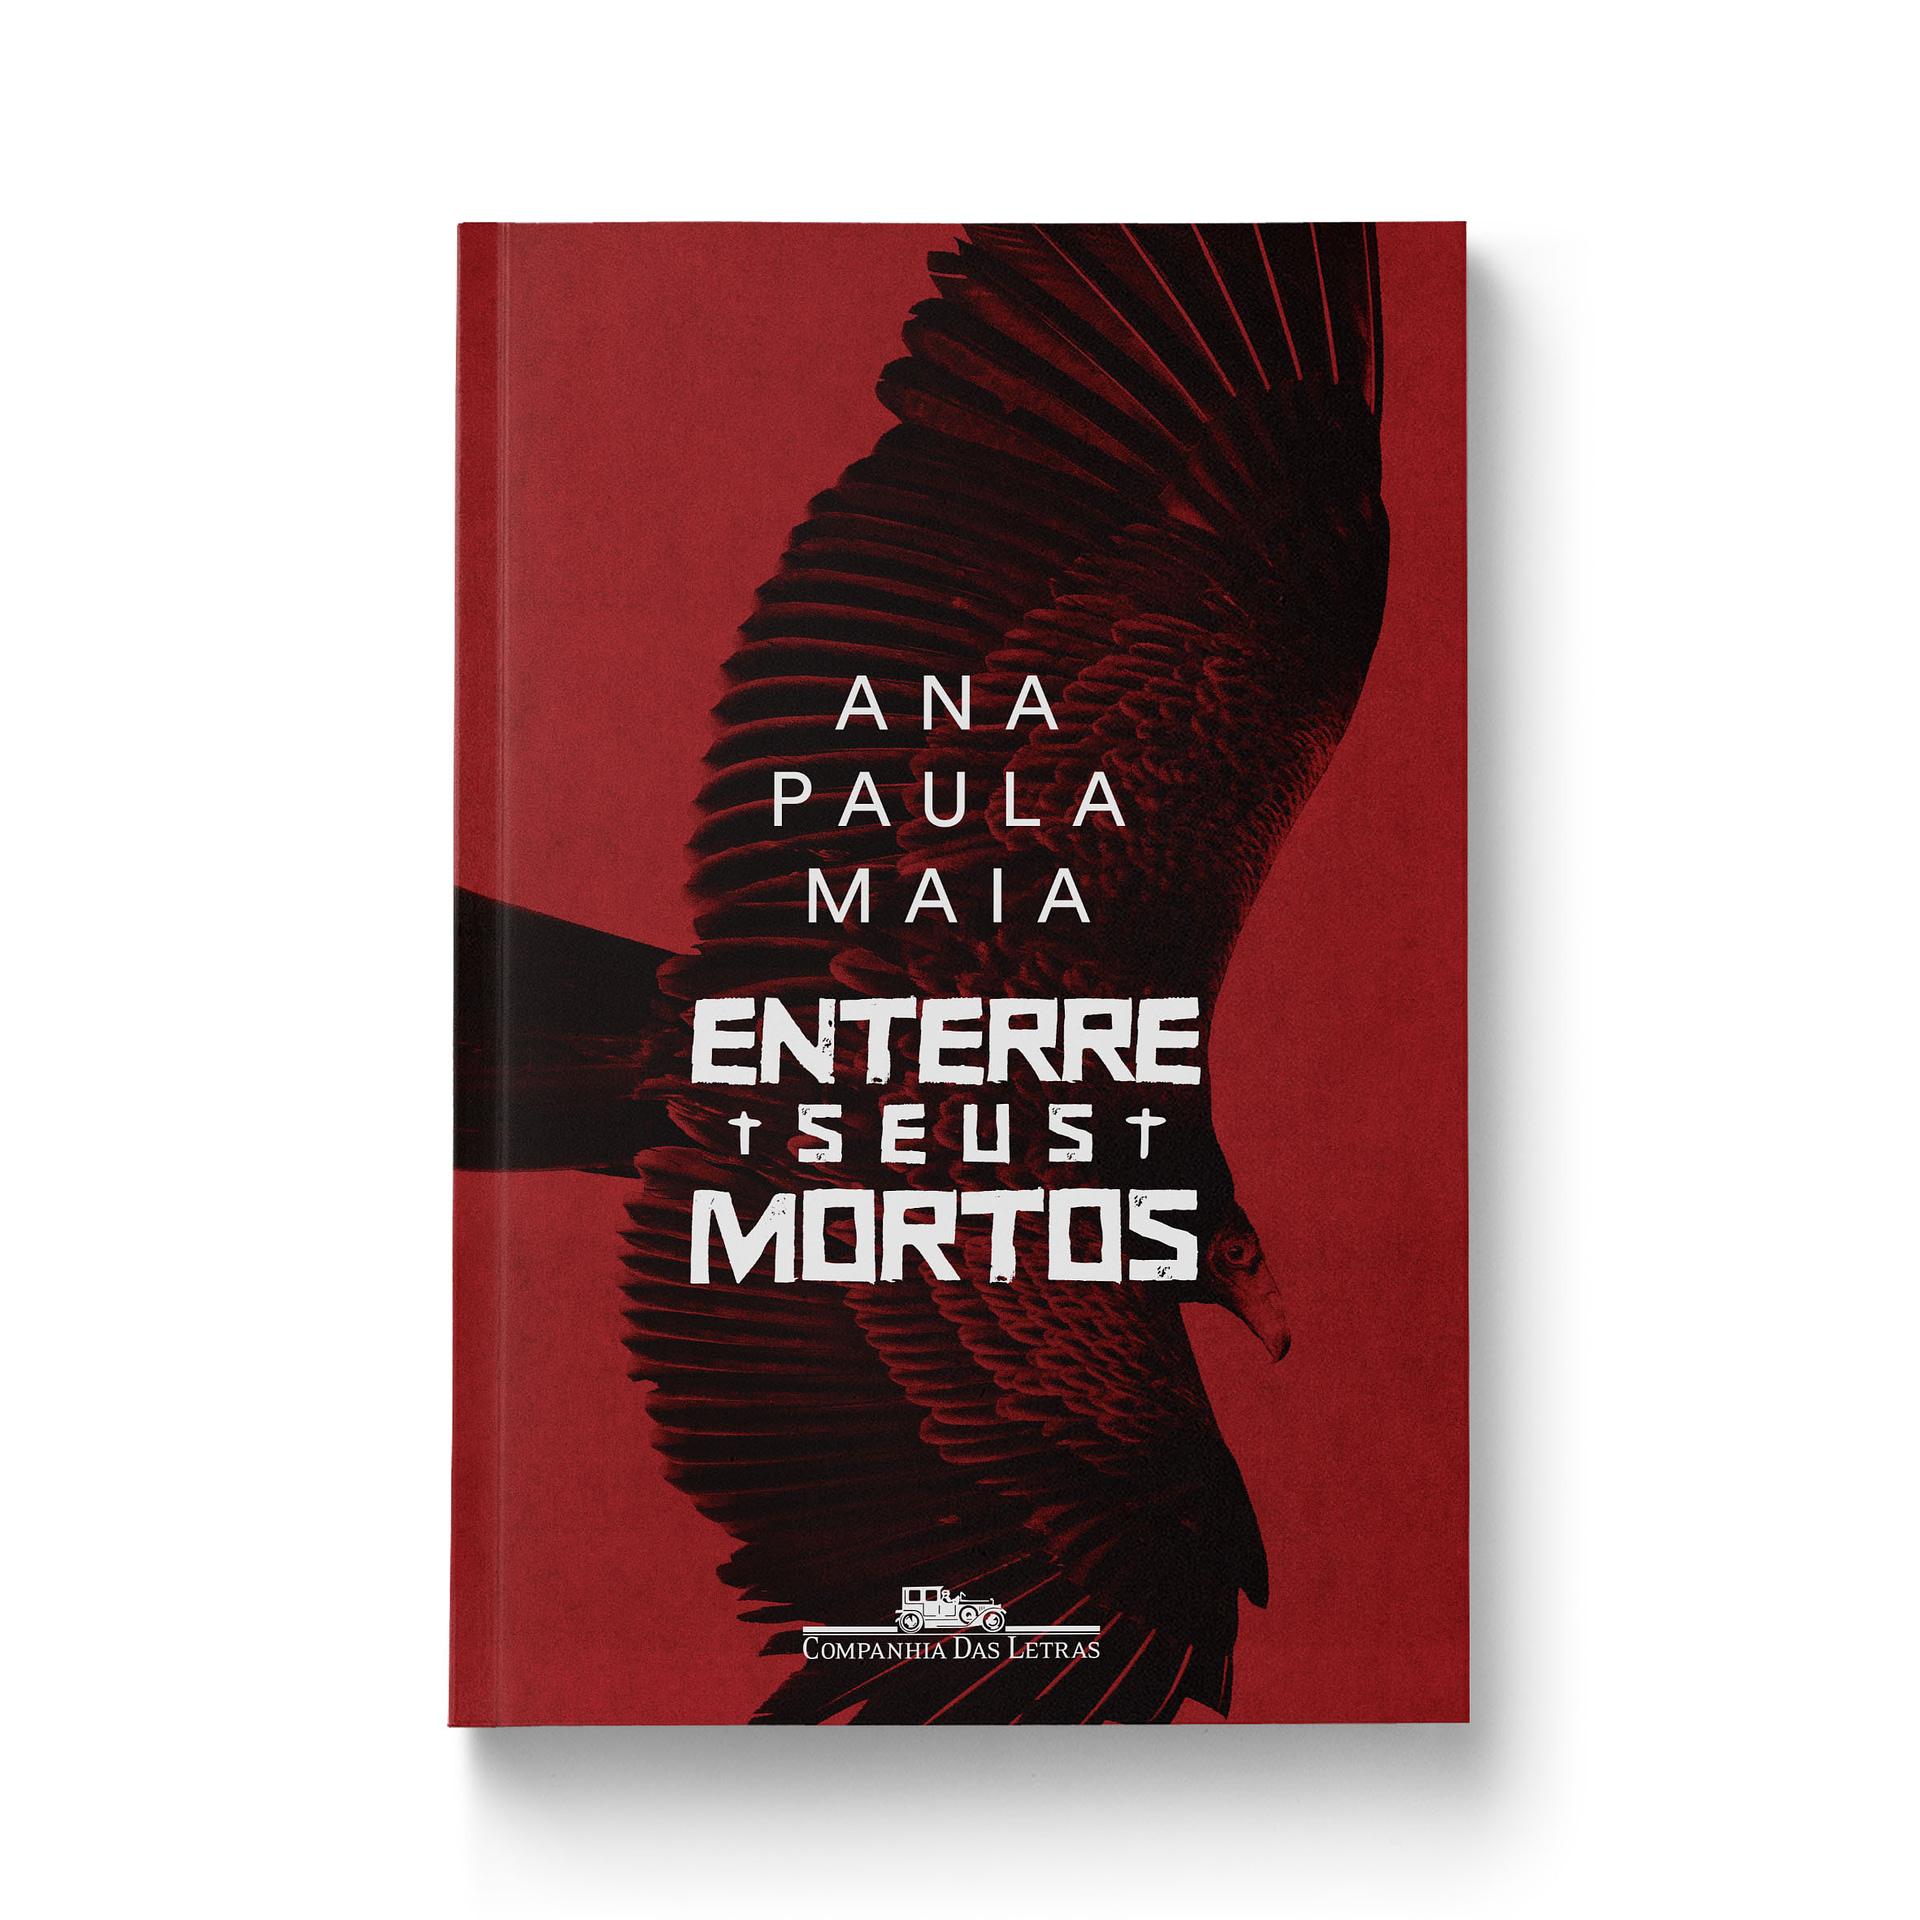 capa_enterreseusmortos_02